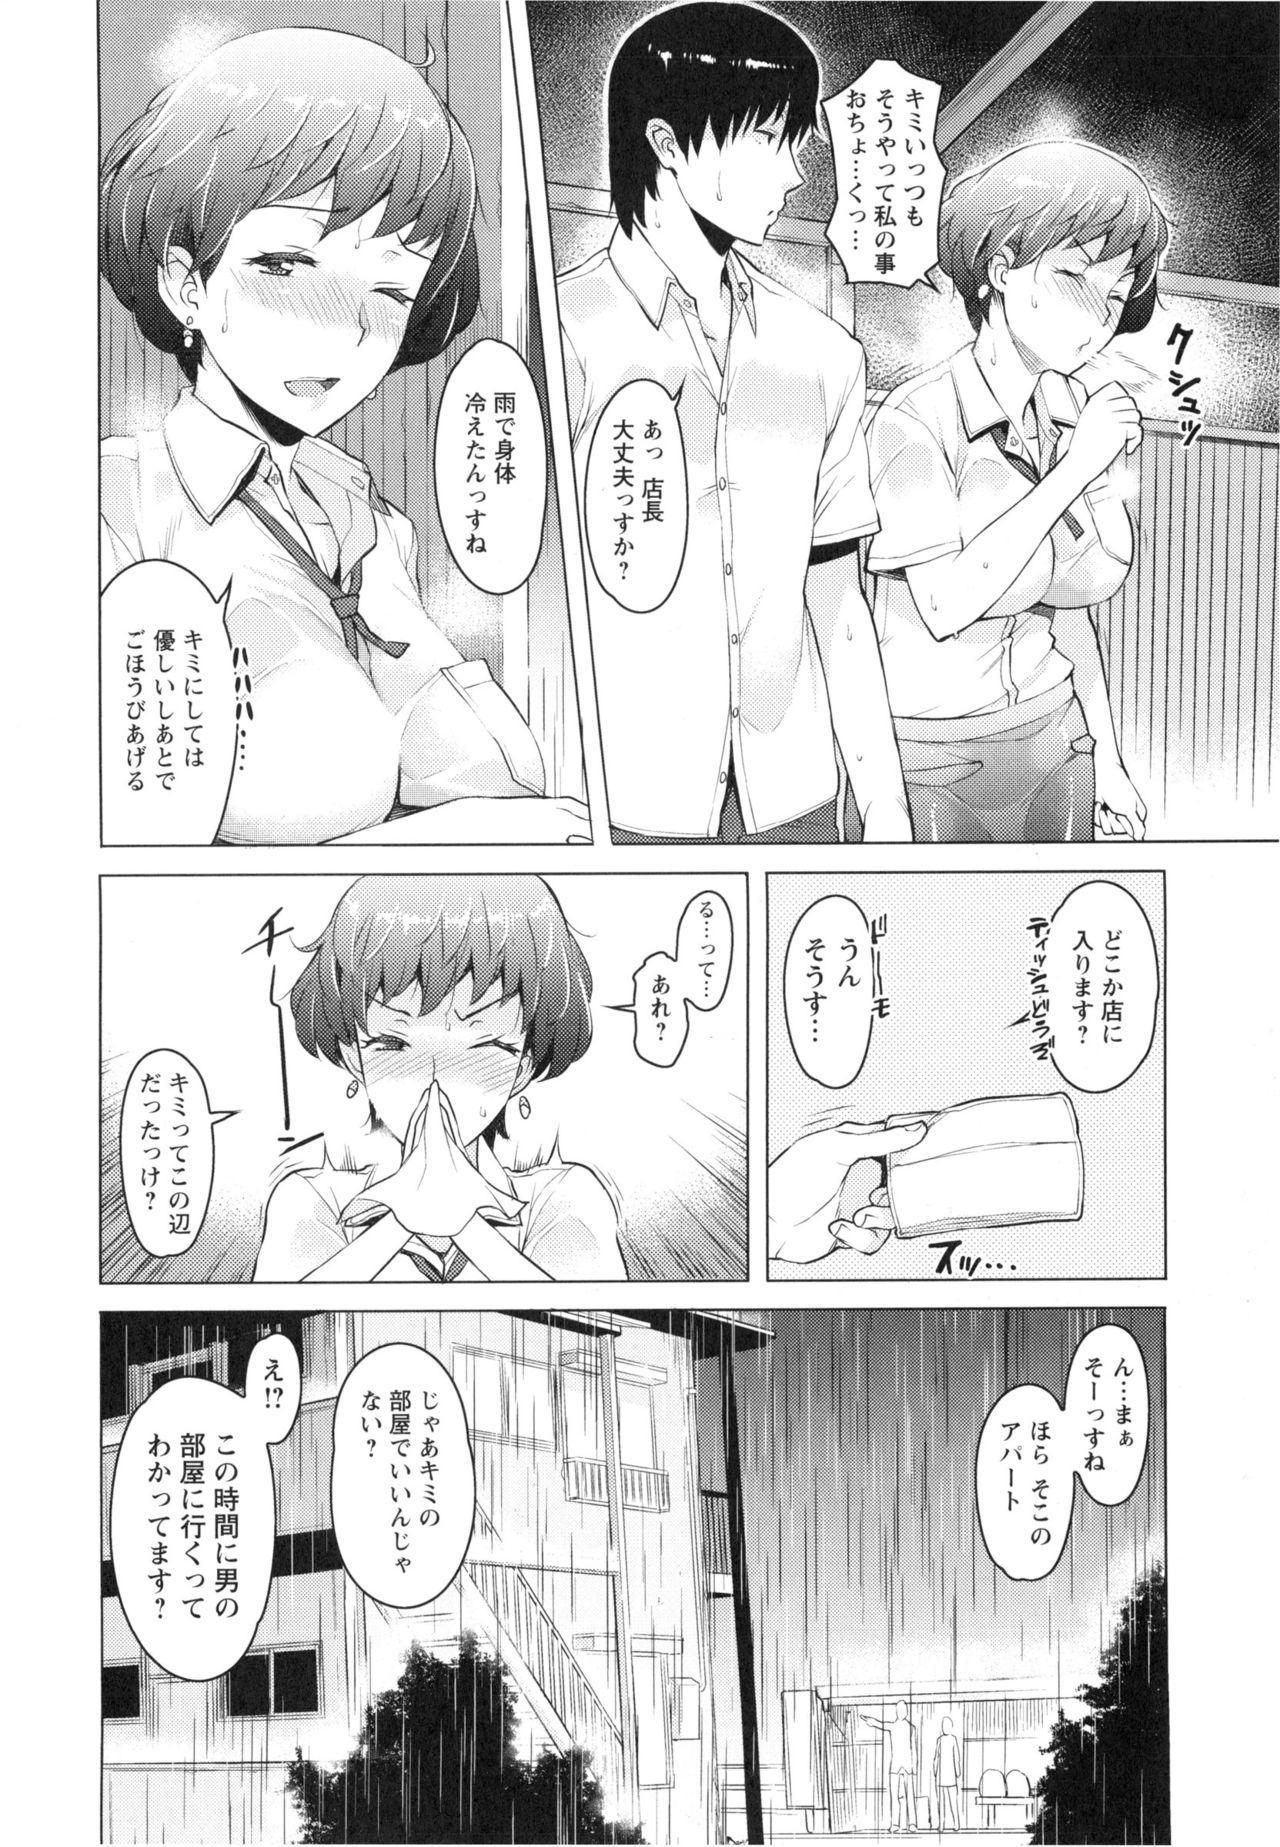 Saishoku Inbi 94